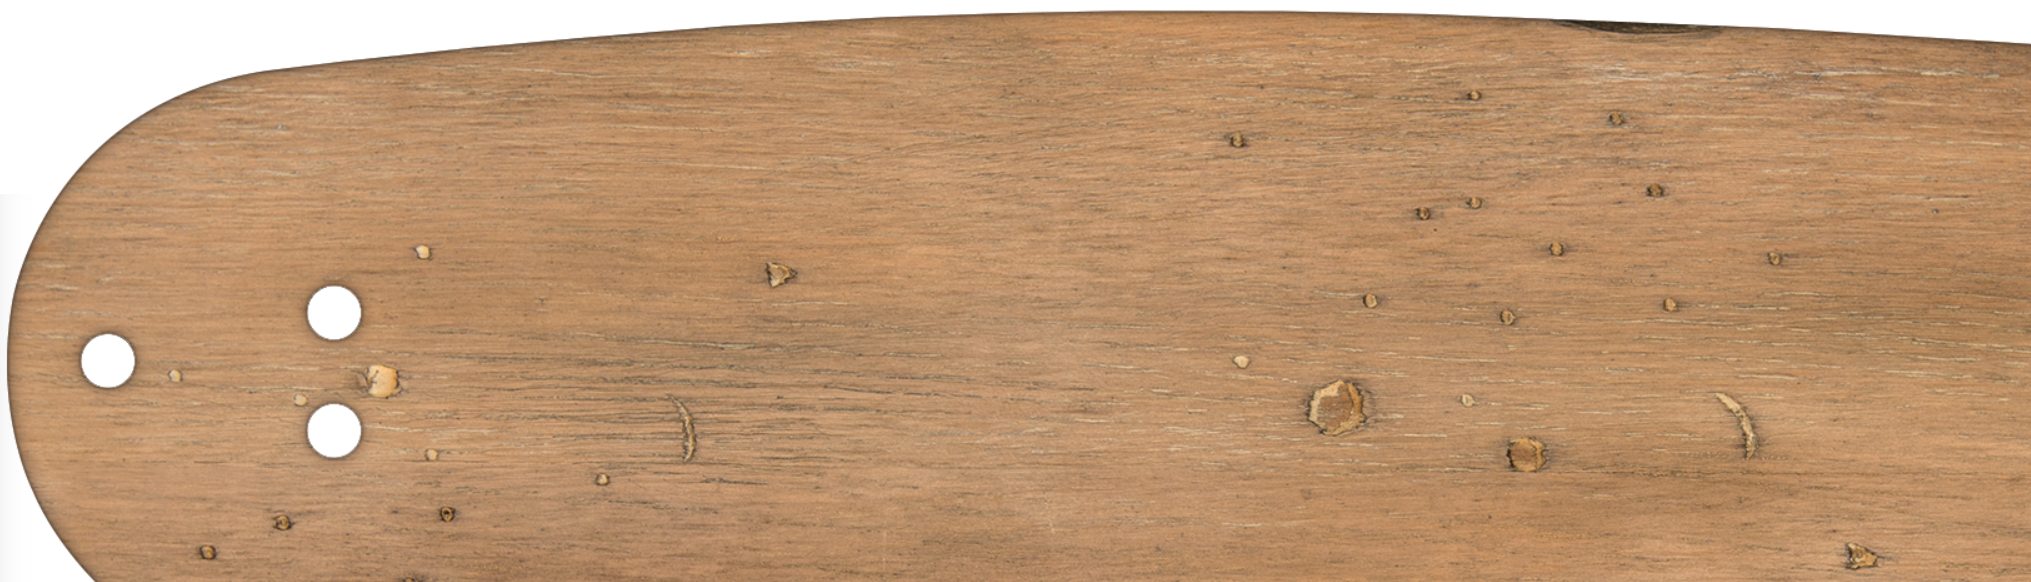 HunterFan ハンター カサブランカ シーリングファン画像 メーカー取り寄せモデル 正規輸入販売 ハンターストア㈱